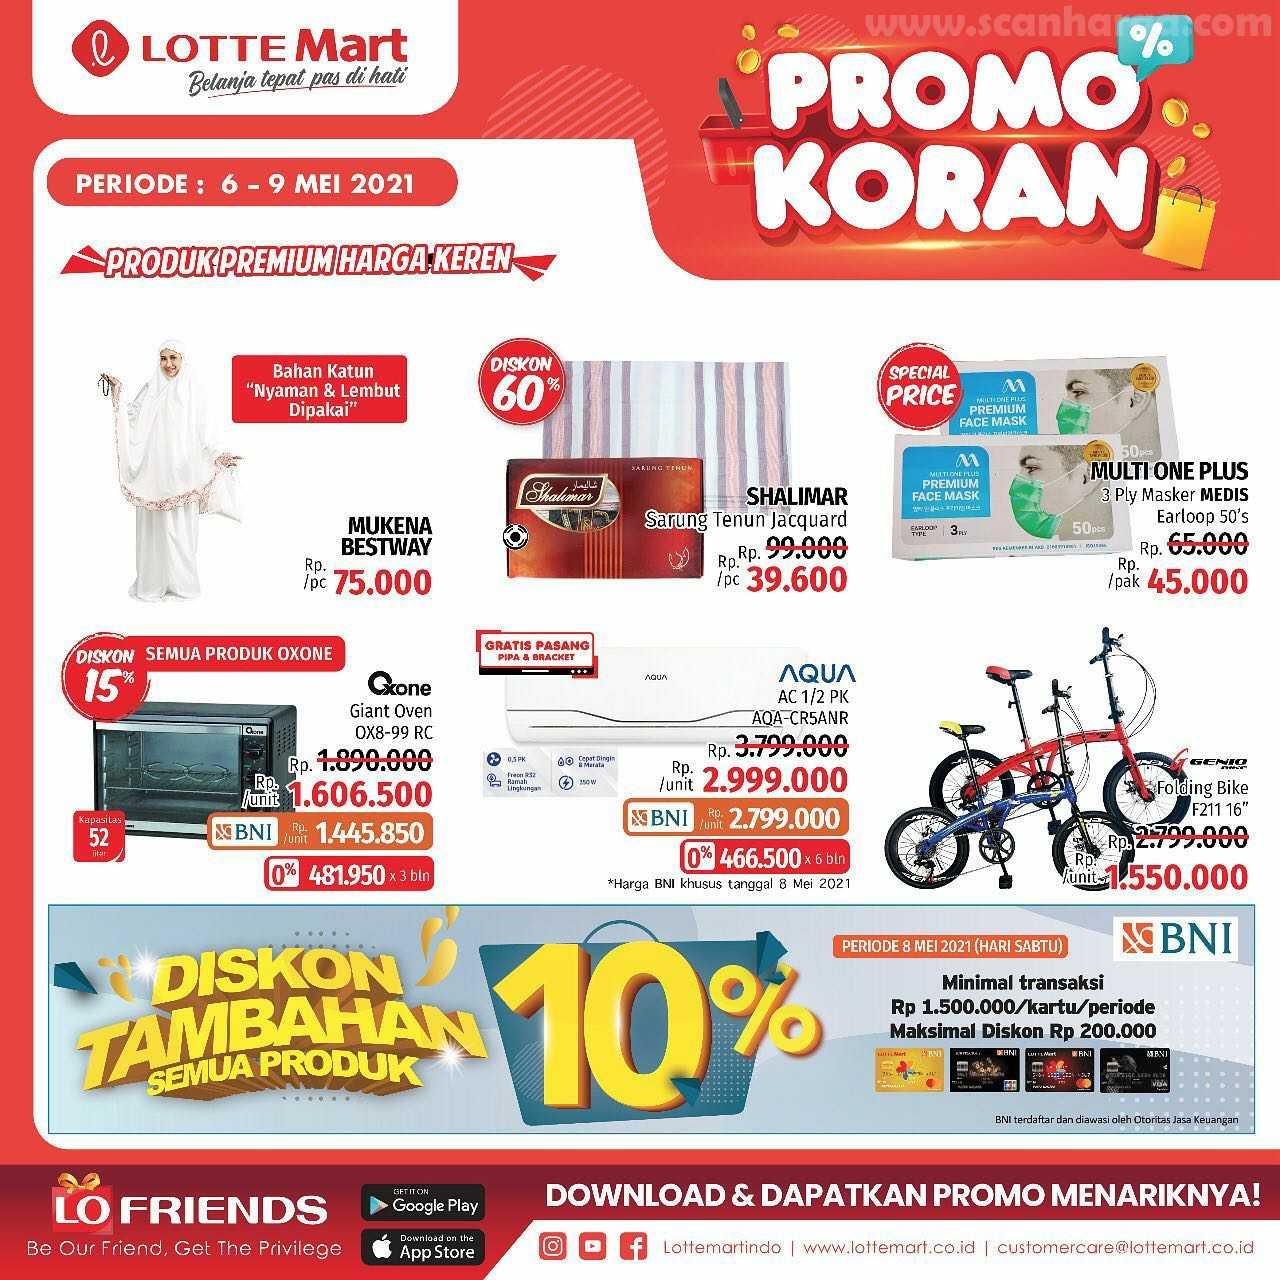 Katalog Promo Lottemart Weekend 6 - 9 Mei 2021 9